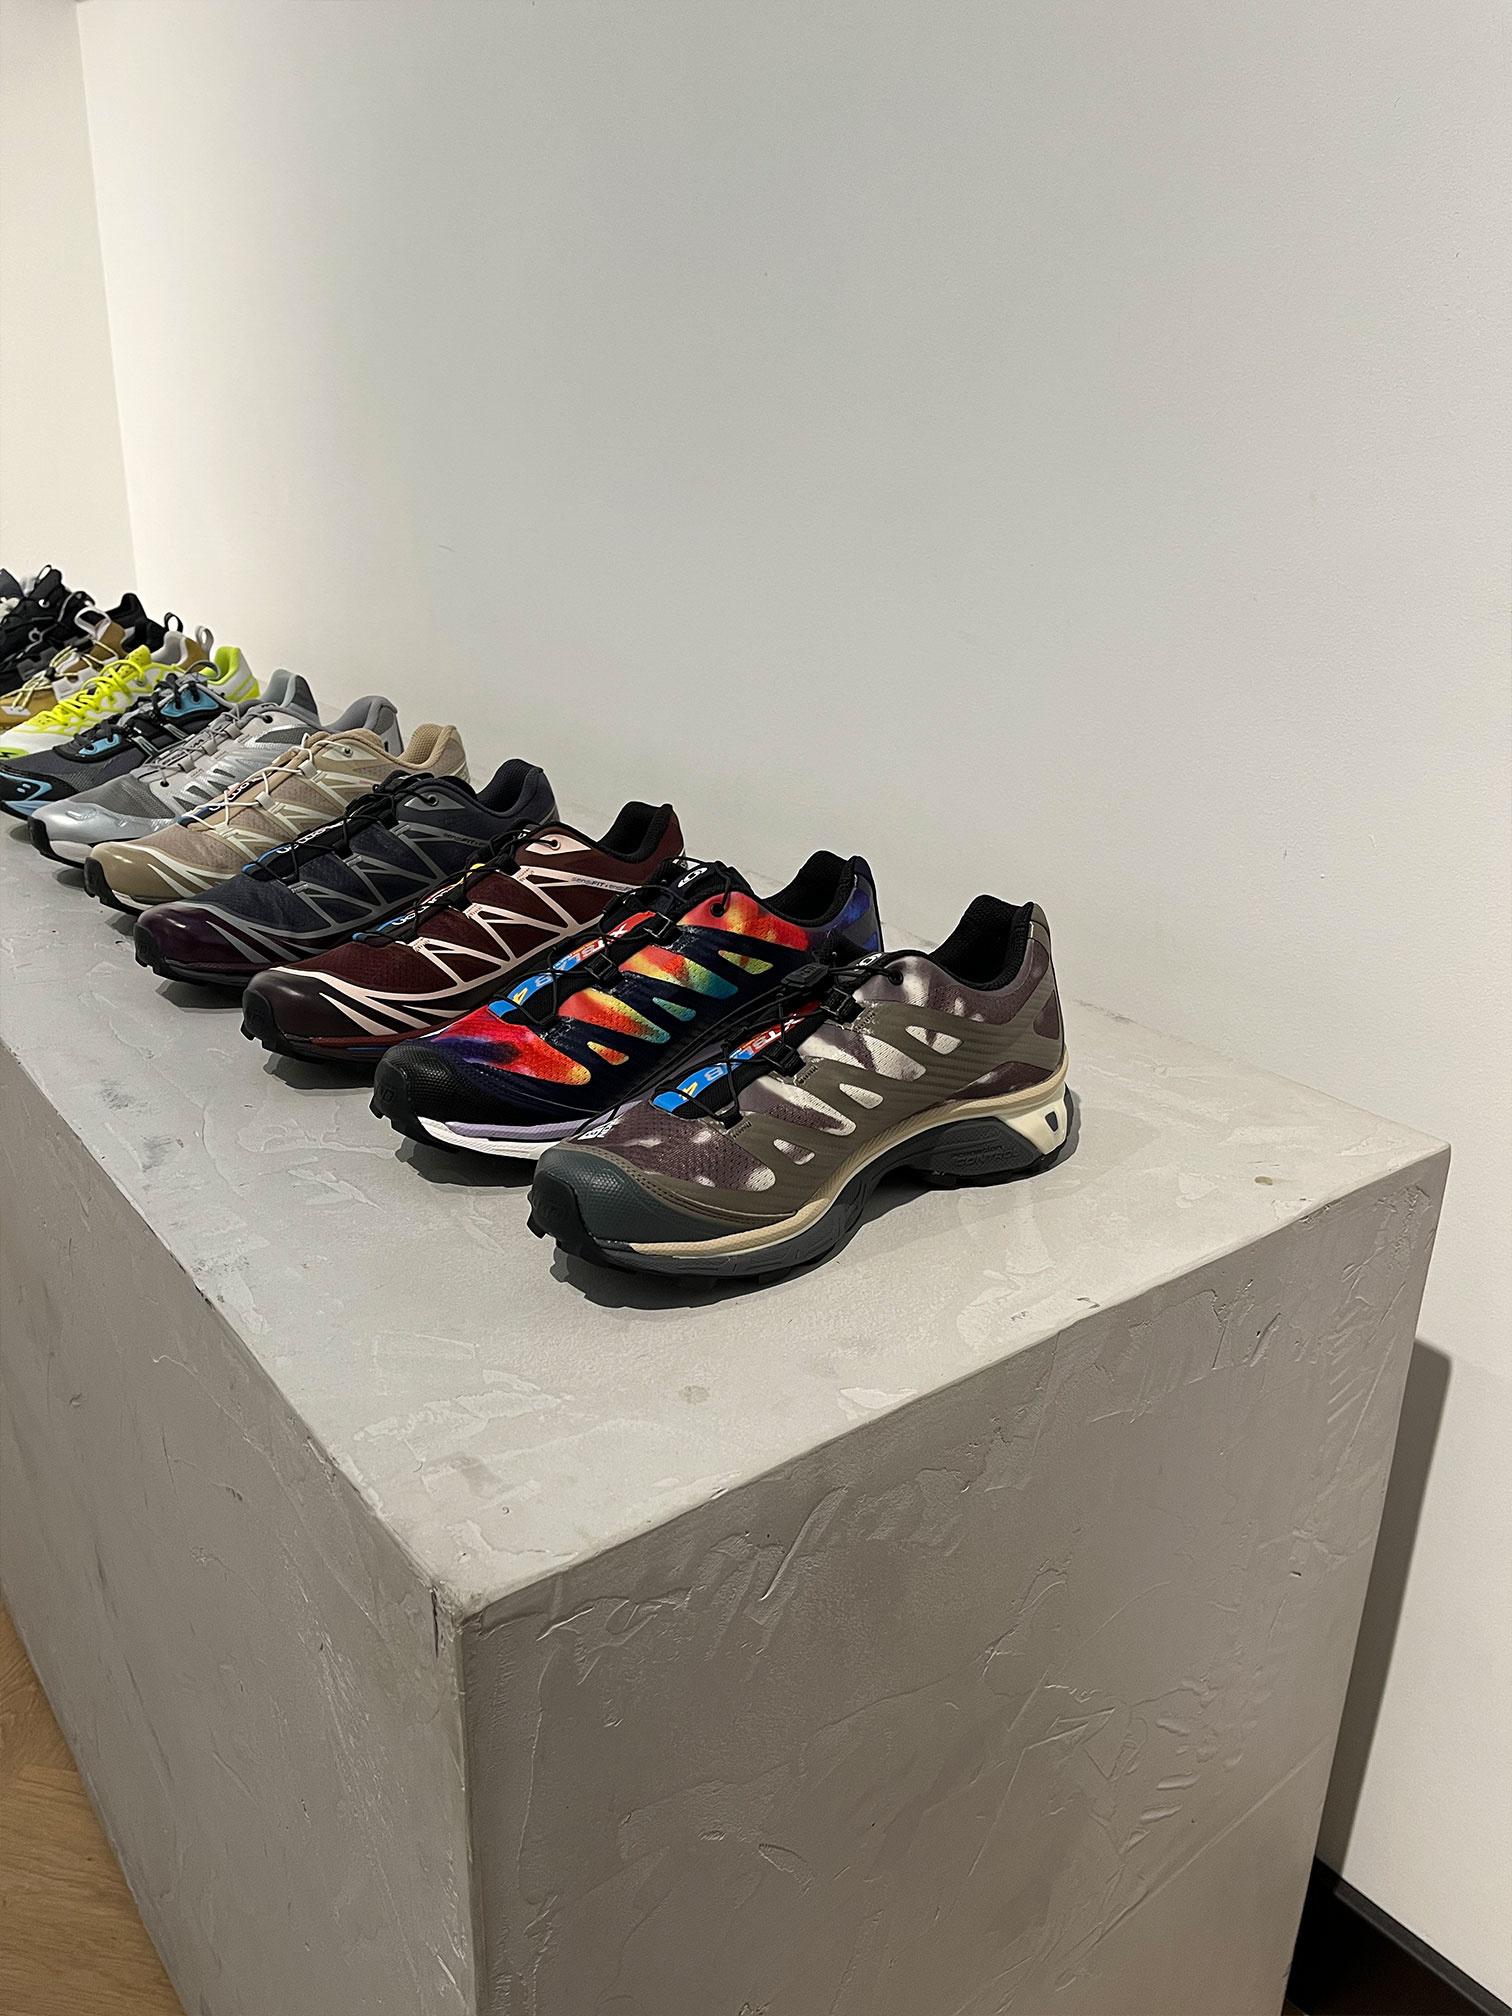 Row of Salomon shoes